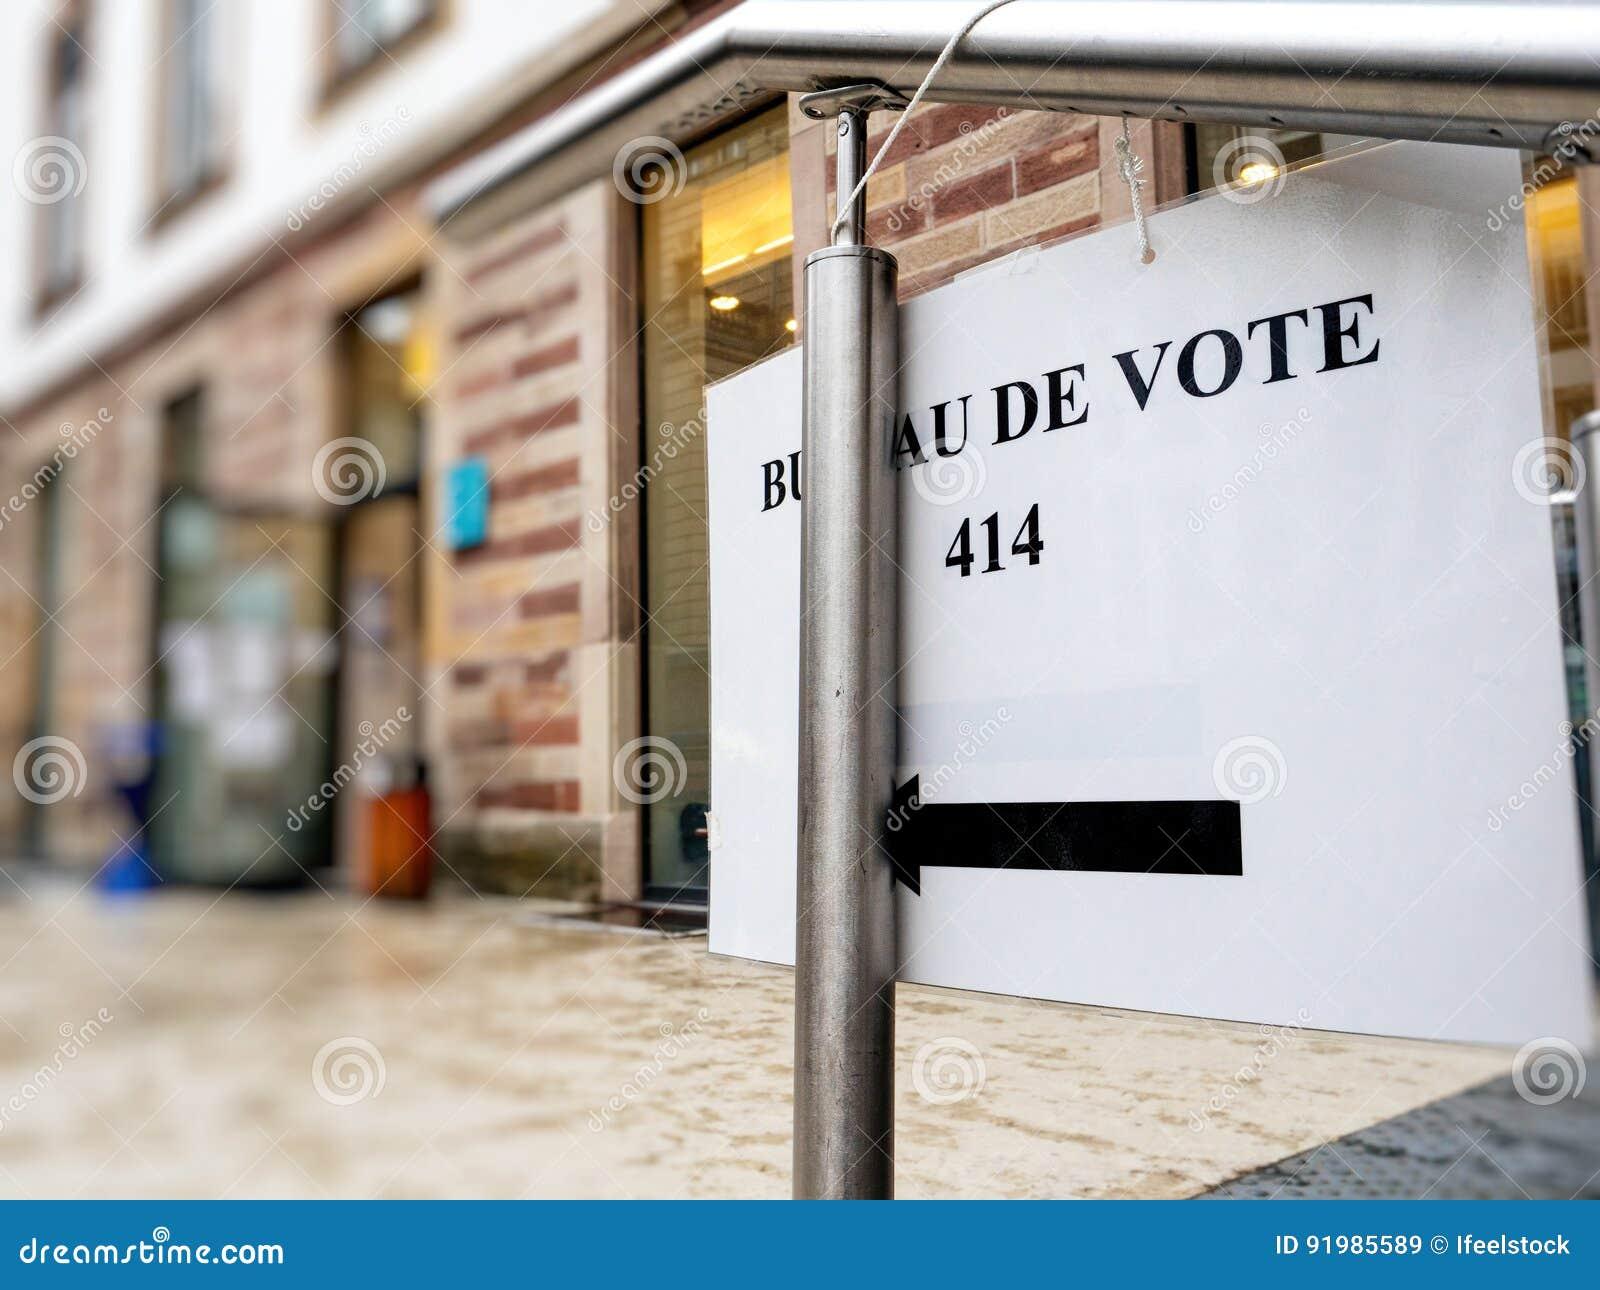 Les bureaux de vote ont ouvert en france